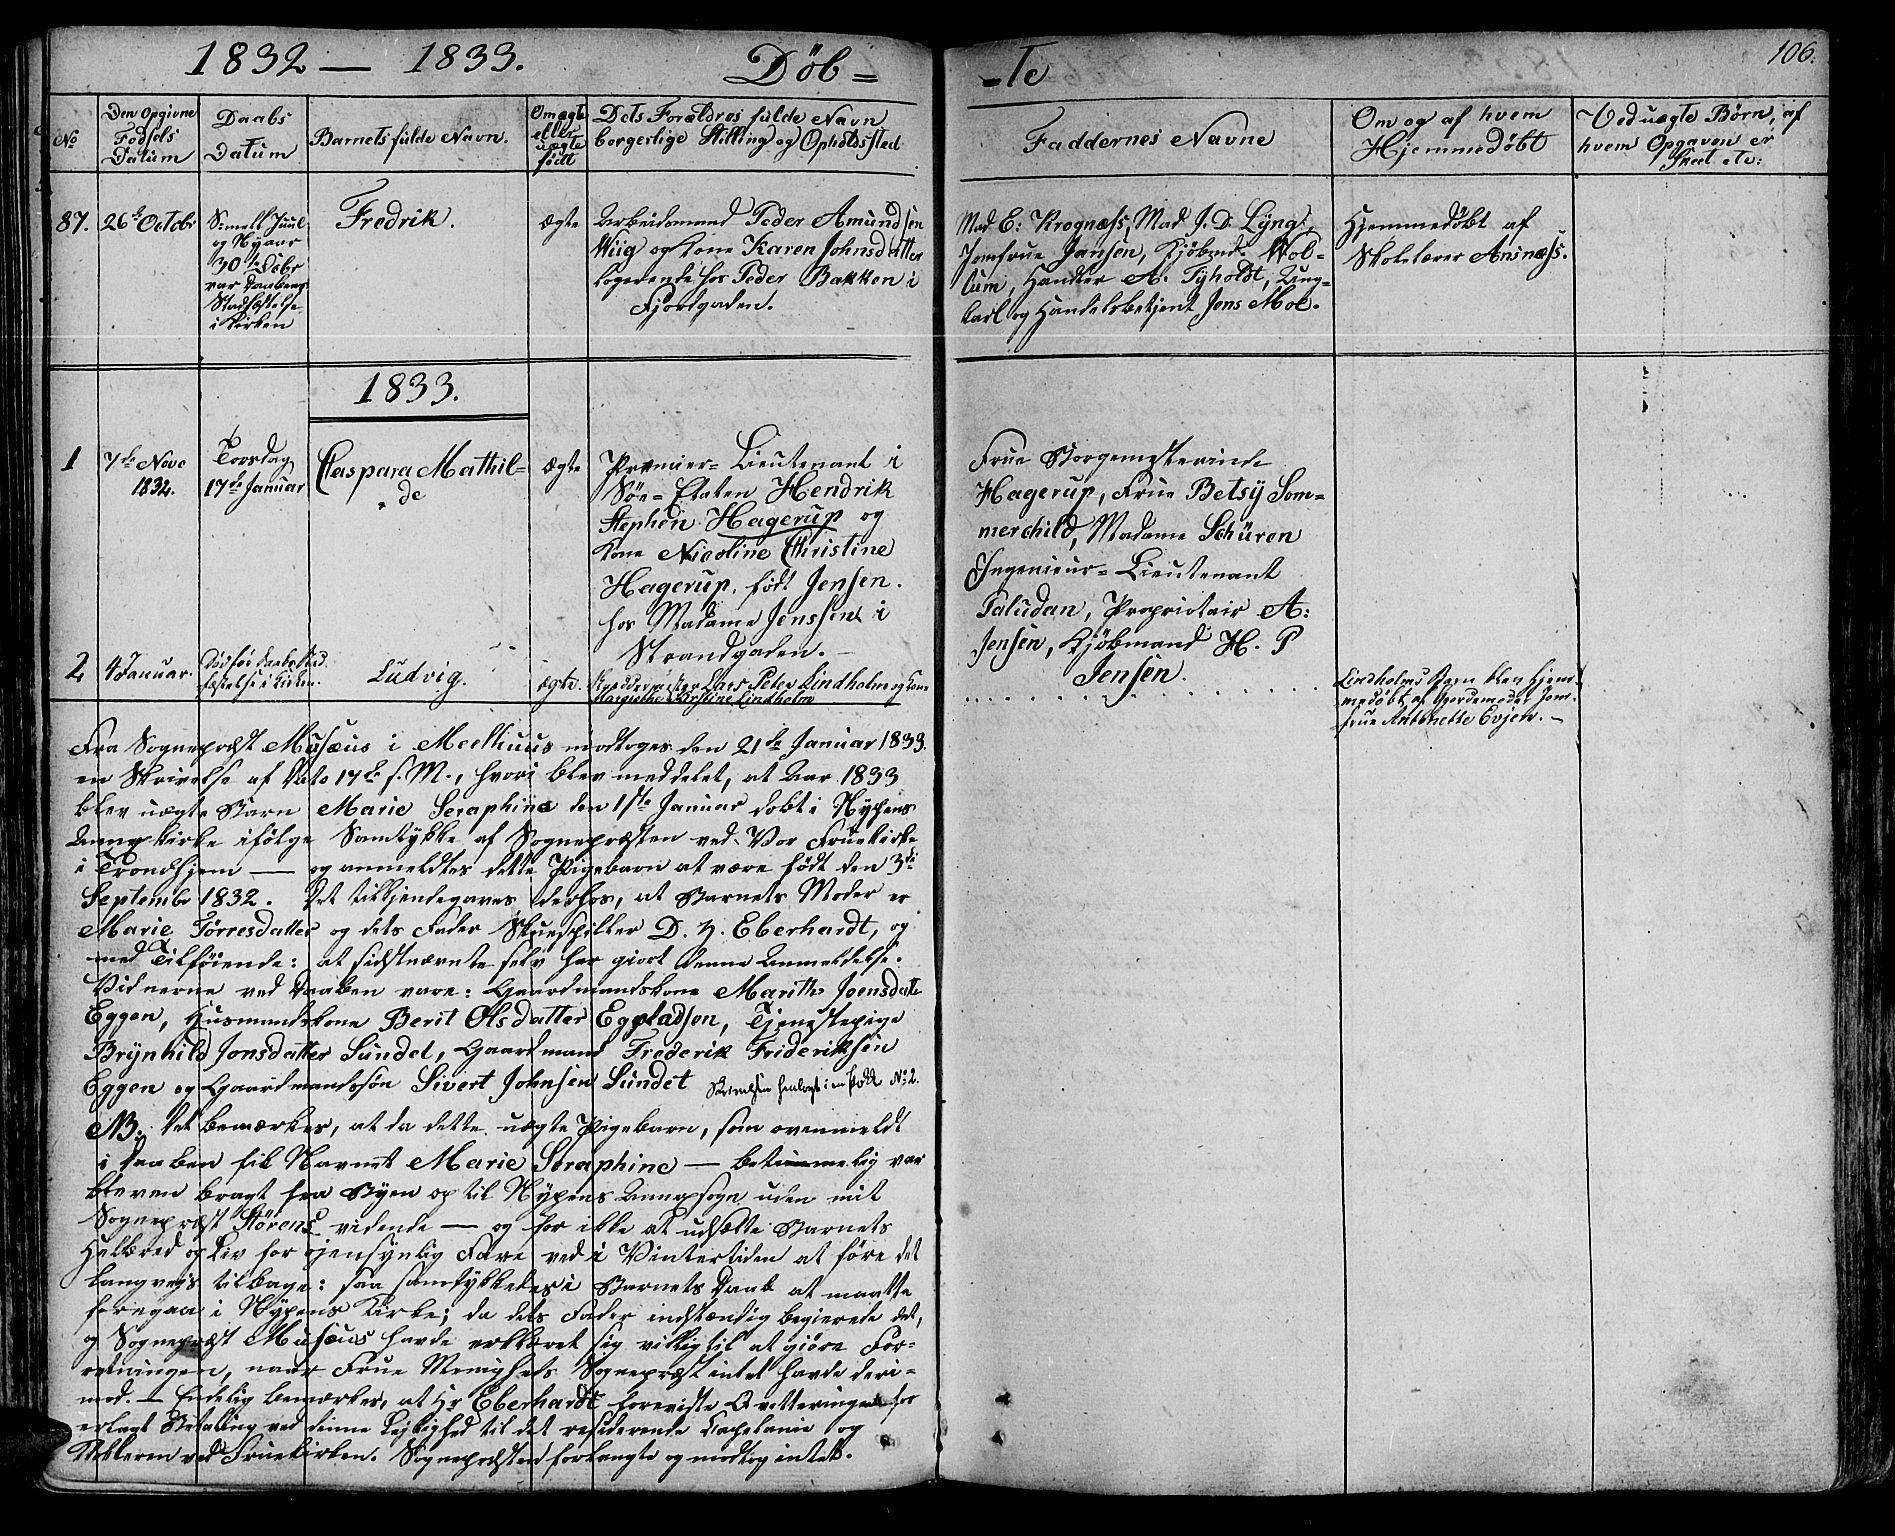 SAT, Ministerialprotokoller, klokkerbøker og fødselsregistre - Sør-Trøndelag, 602/L0108: Ministerialbok nr. 602A06, 1821-1839, s. 106